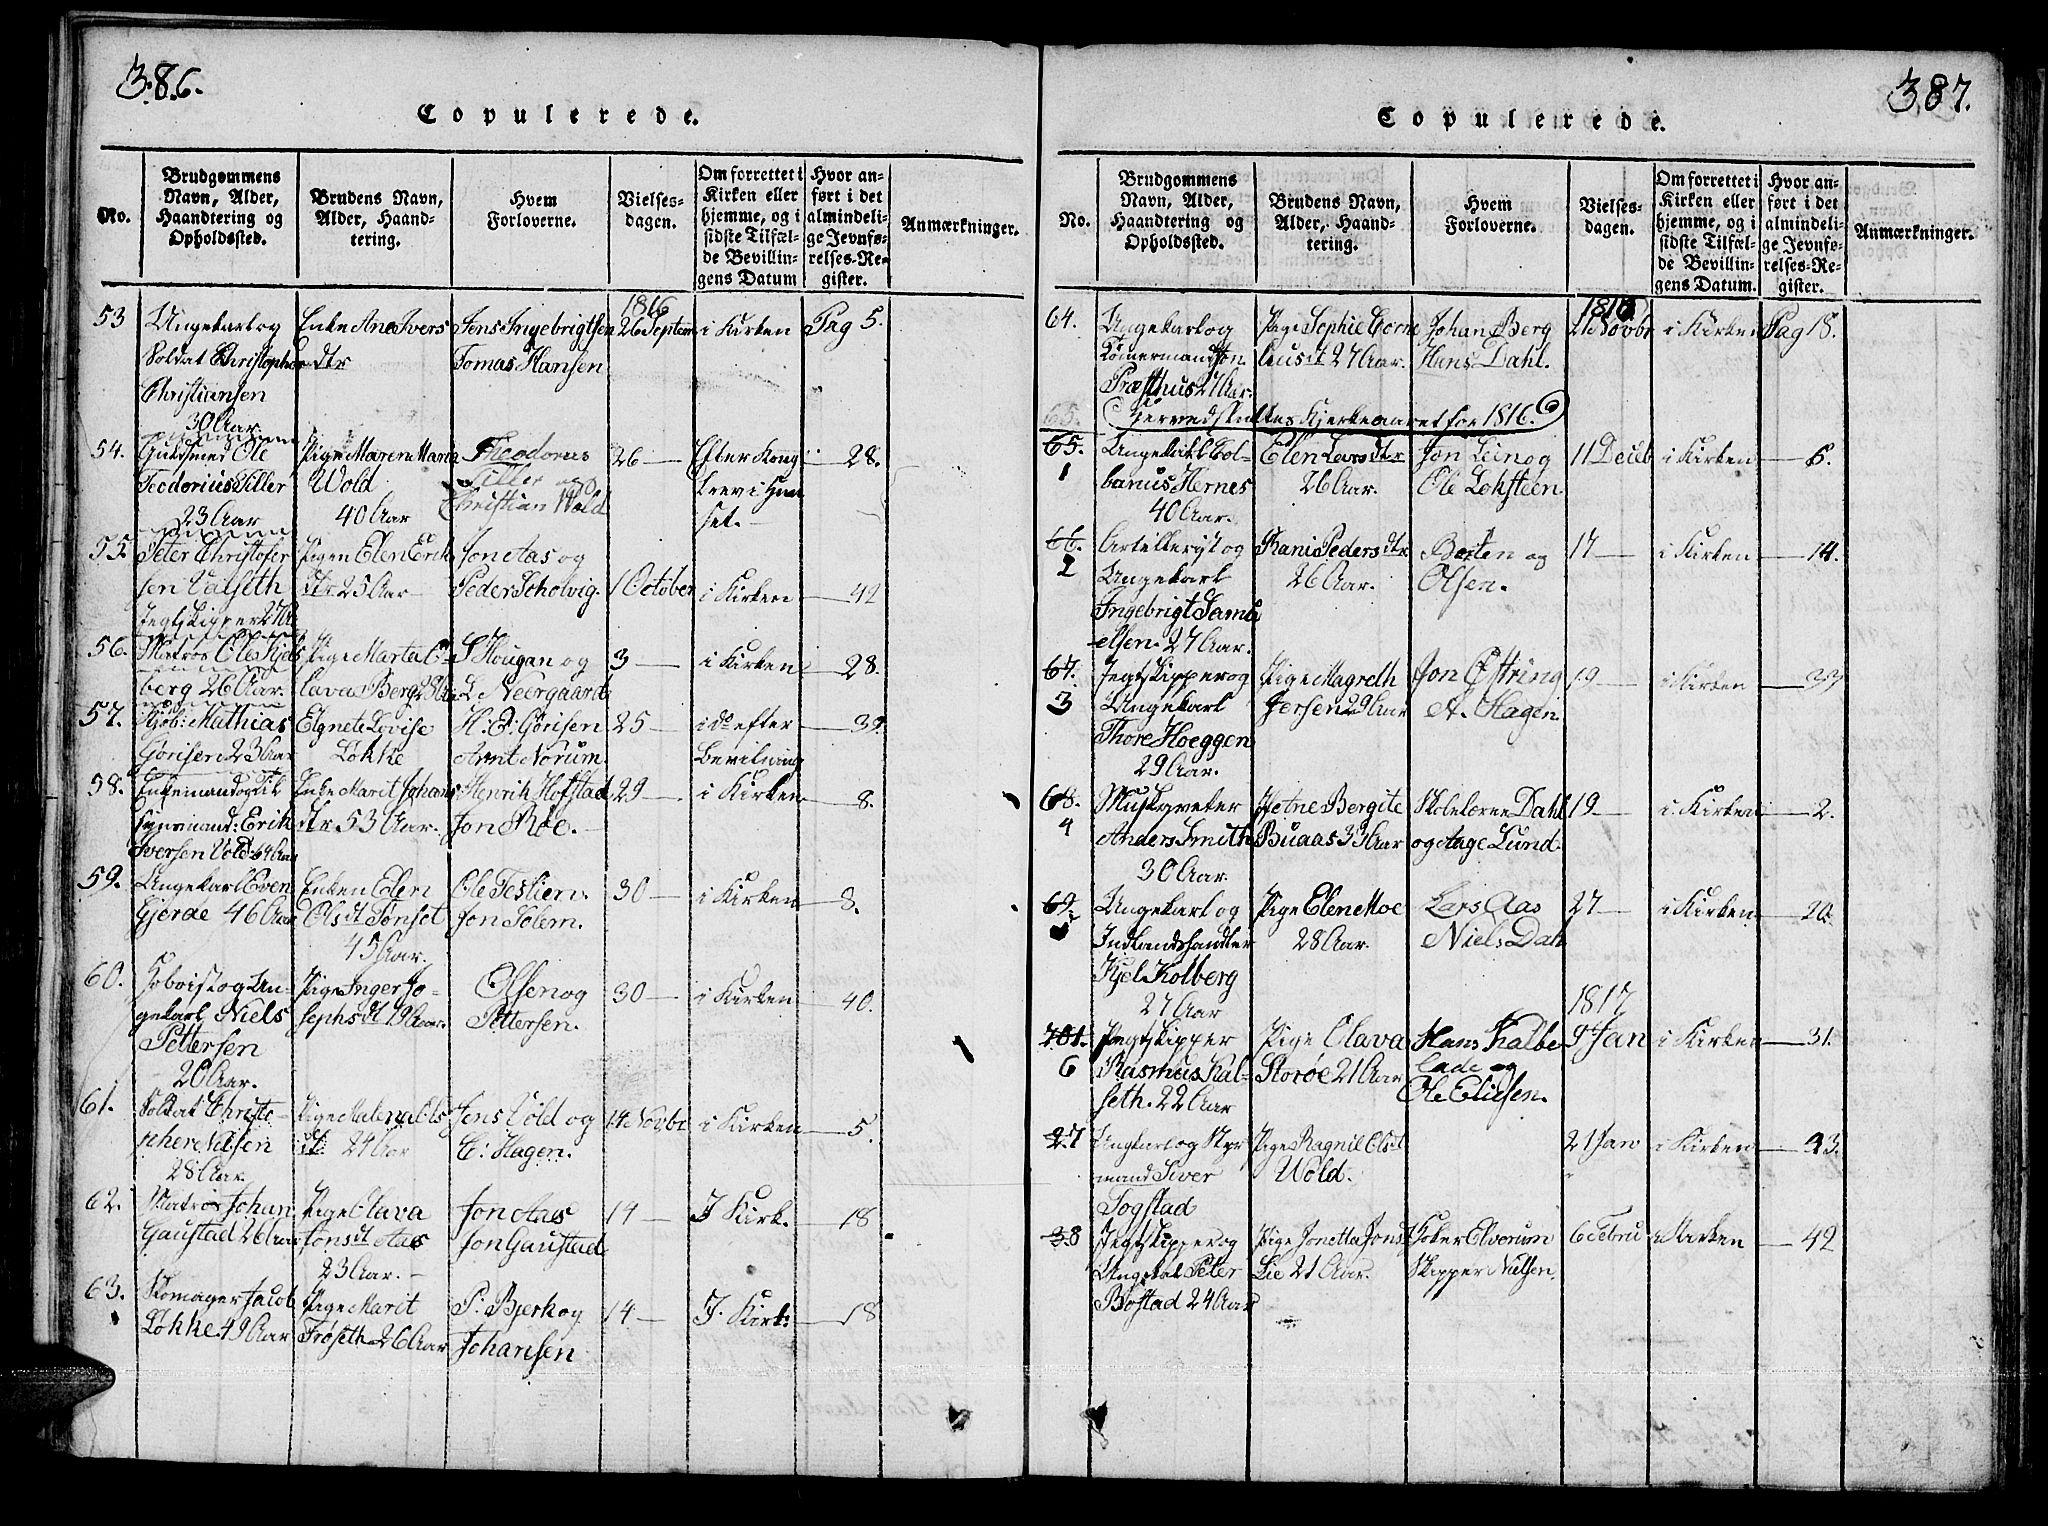 SAT, Ministerialprotokoller, klokkerbøker og fødselsregistre - Sør-Trøndelag, 601/L0043: Ministerialbok nr. 601A11, 1815-1821, s. 386-387